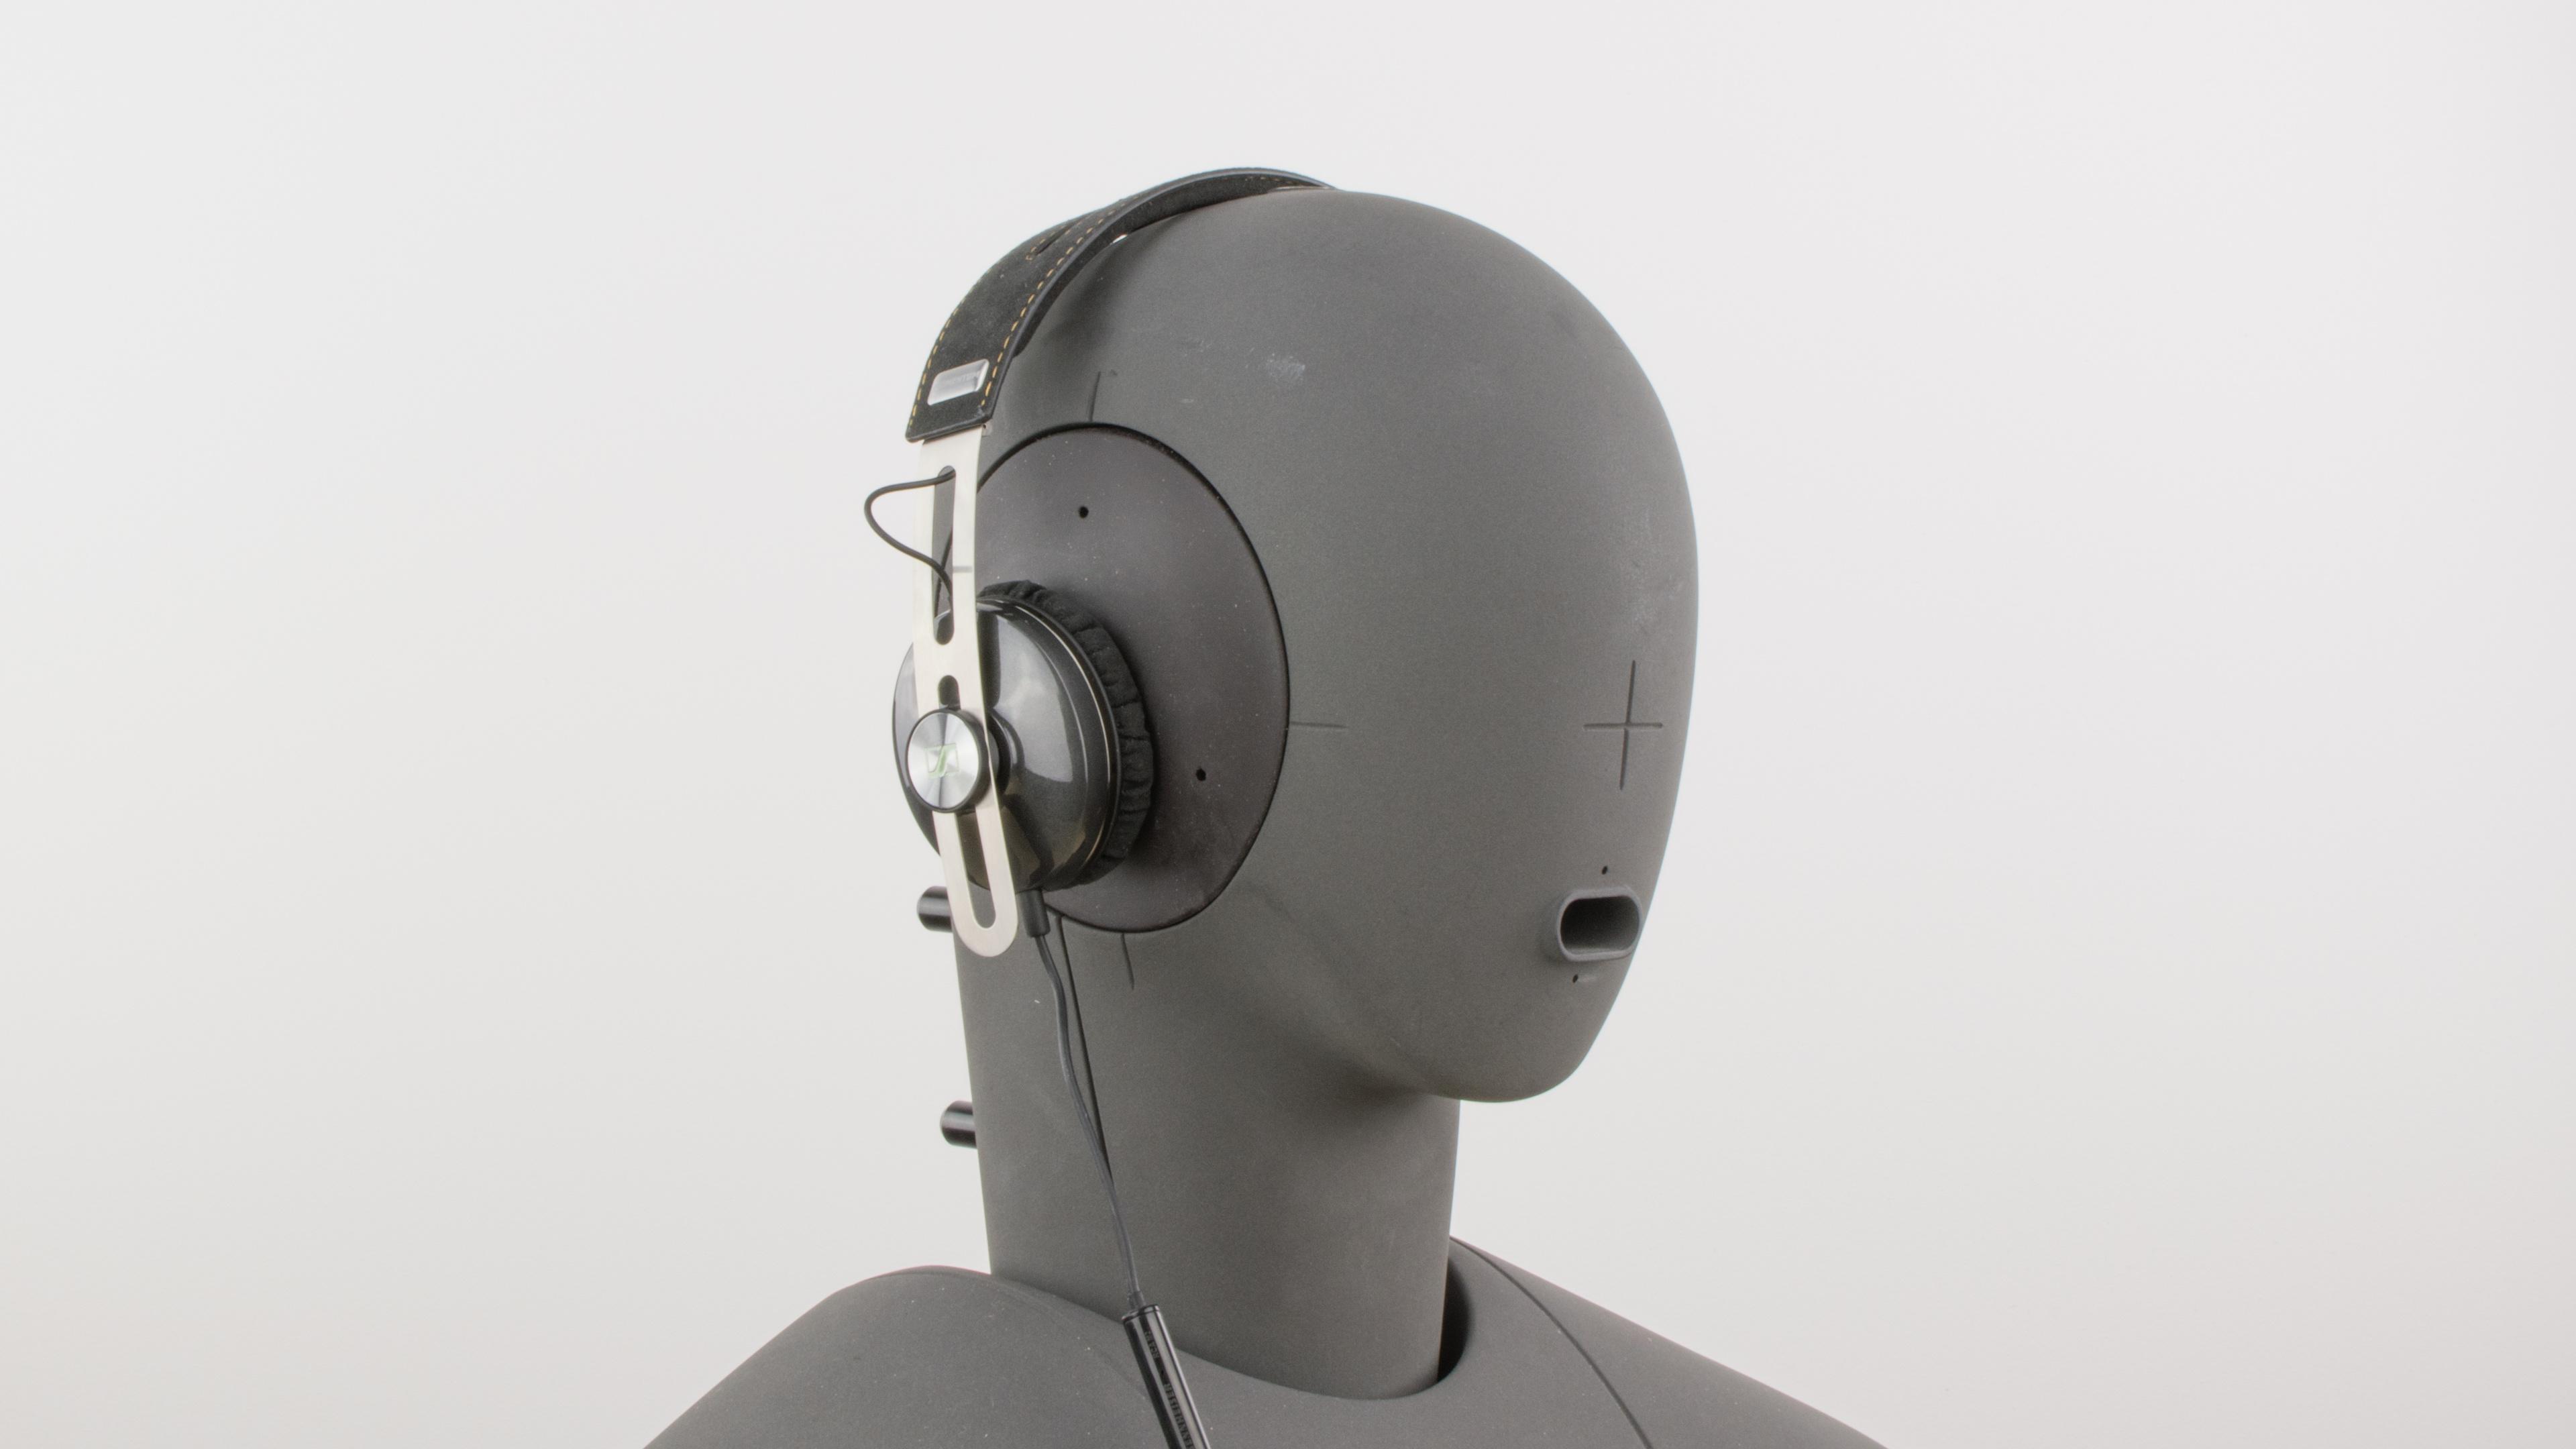 Sennheiser Momentum 2.0 On-Ear Review